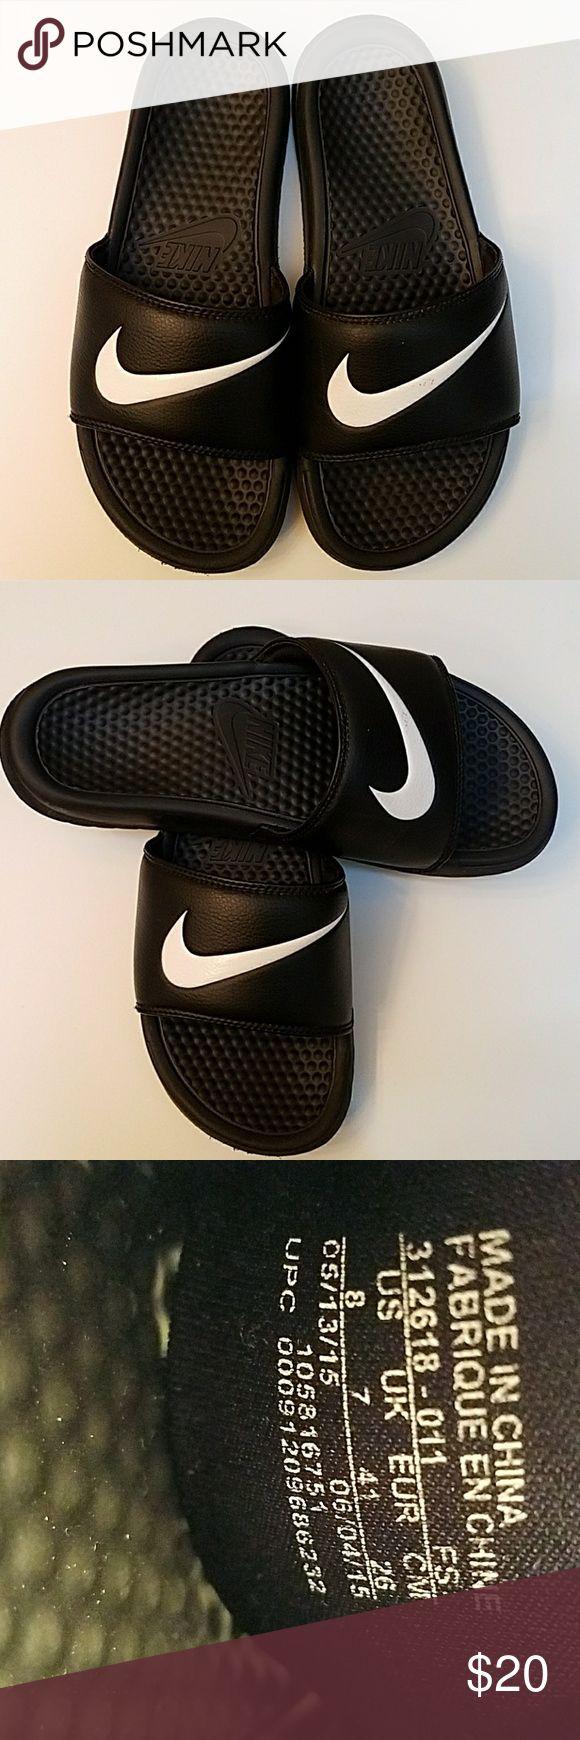 Men's Nike slides Mens Nike Slides Nike Shoes Sandals & Flip-Flops